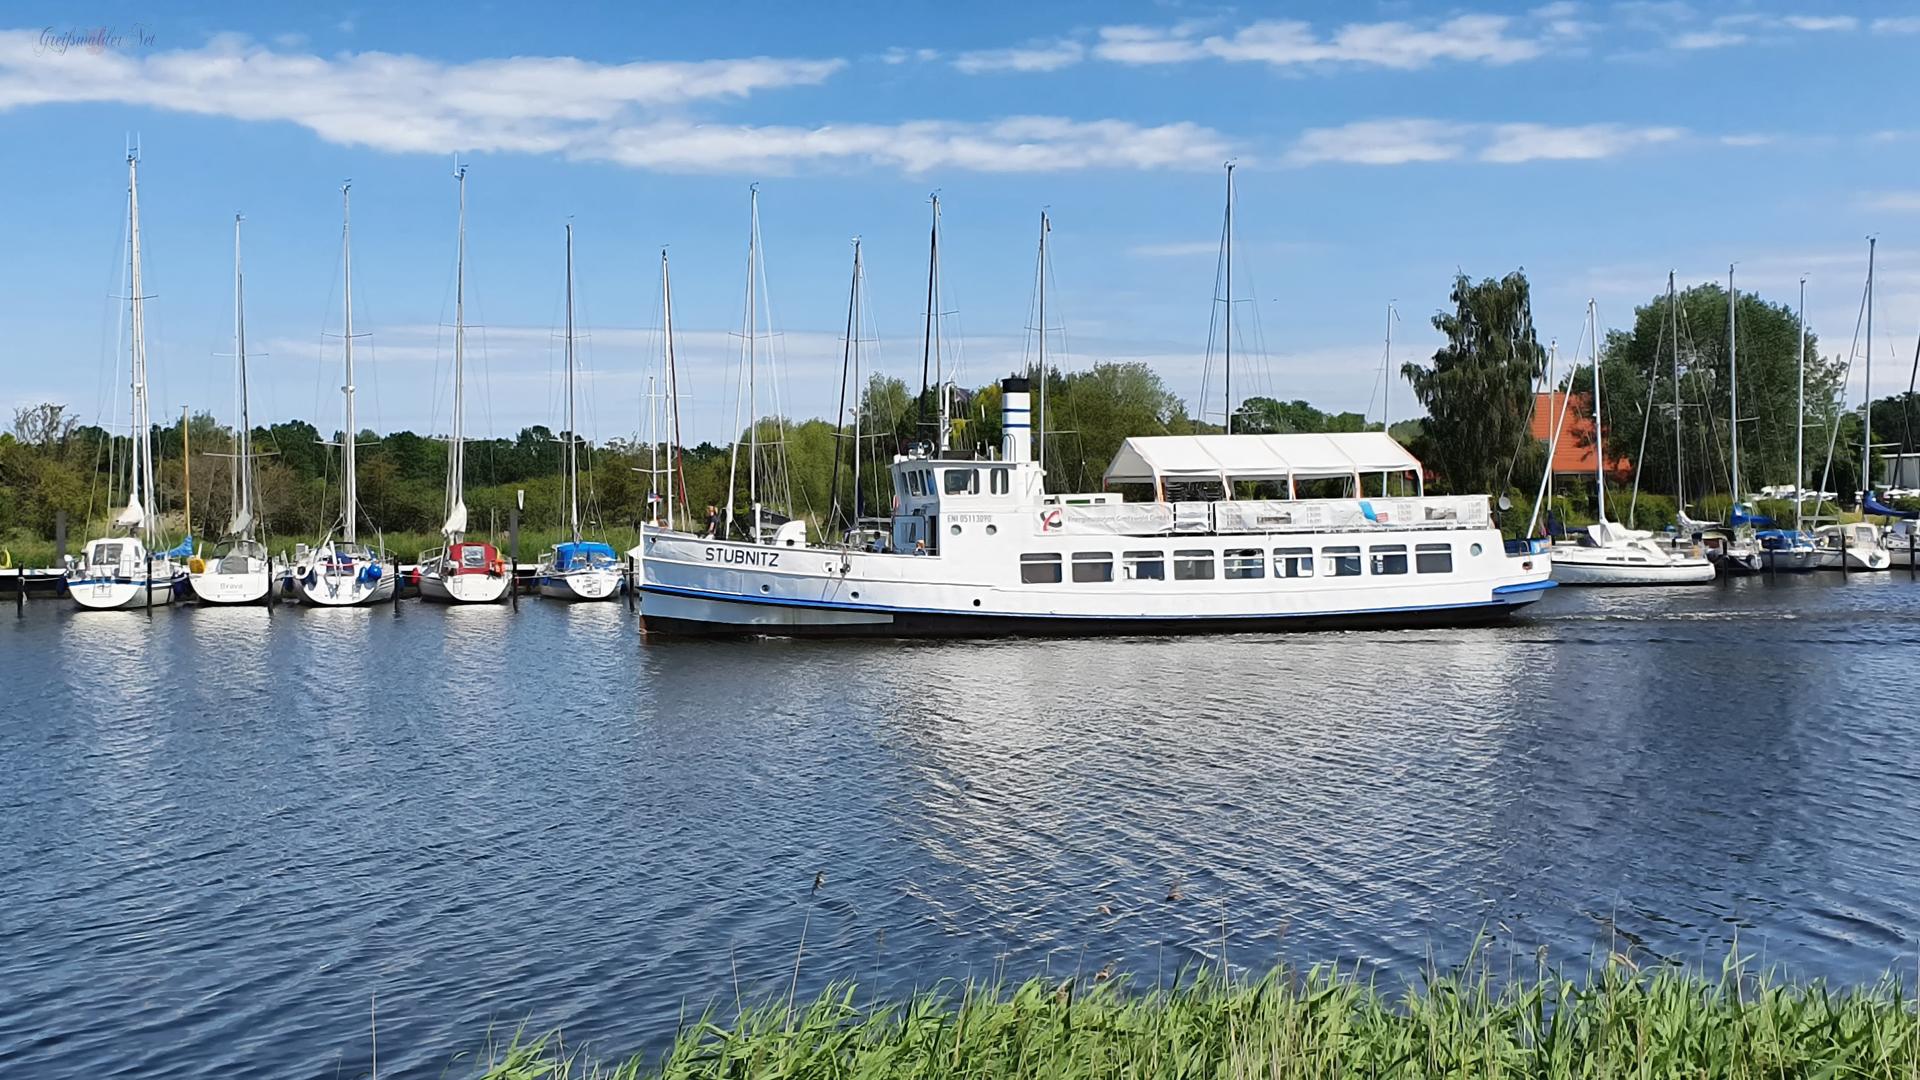 MS Stubnitz auf dem Ryck